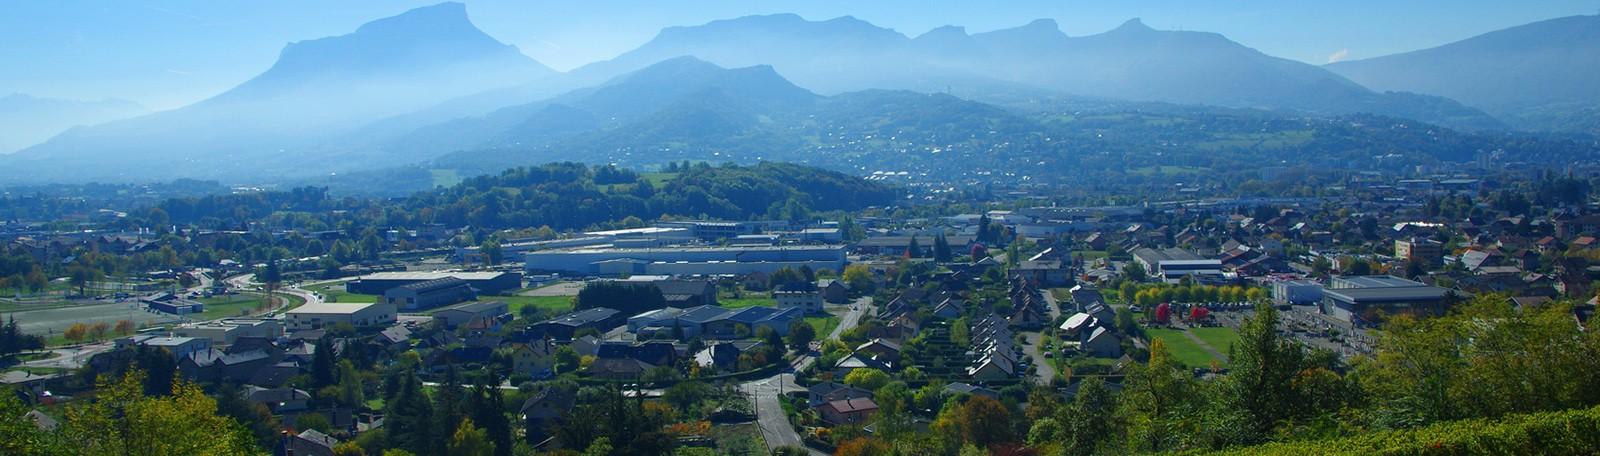 Stationner à Chambéry Ducs